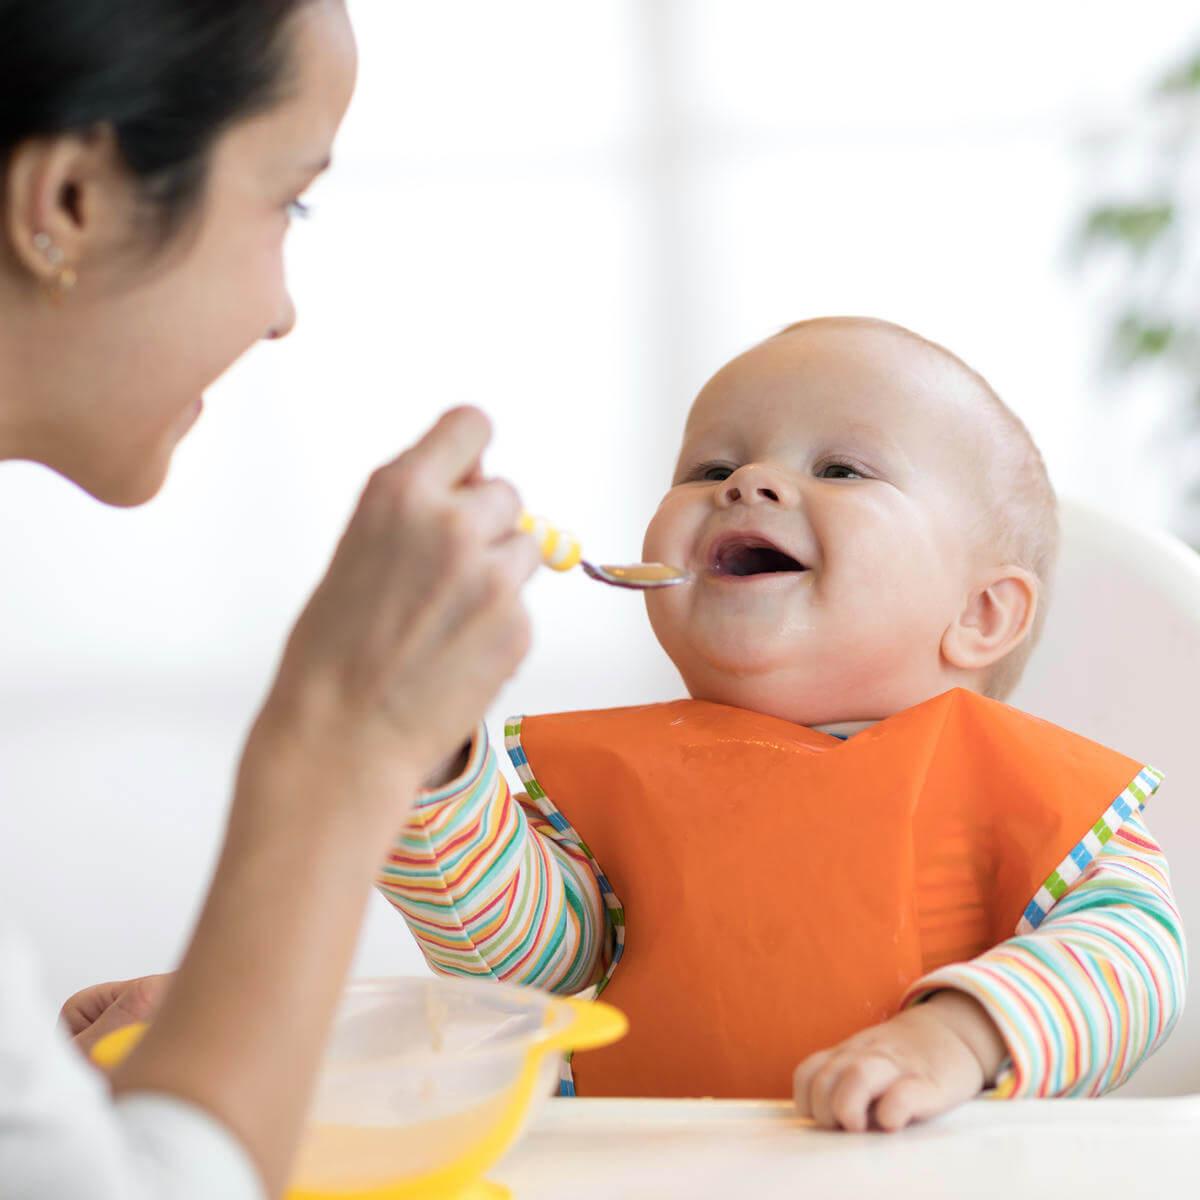 شروع غذای کمکی کودک (فیلم)